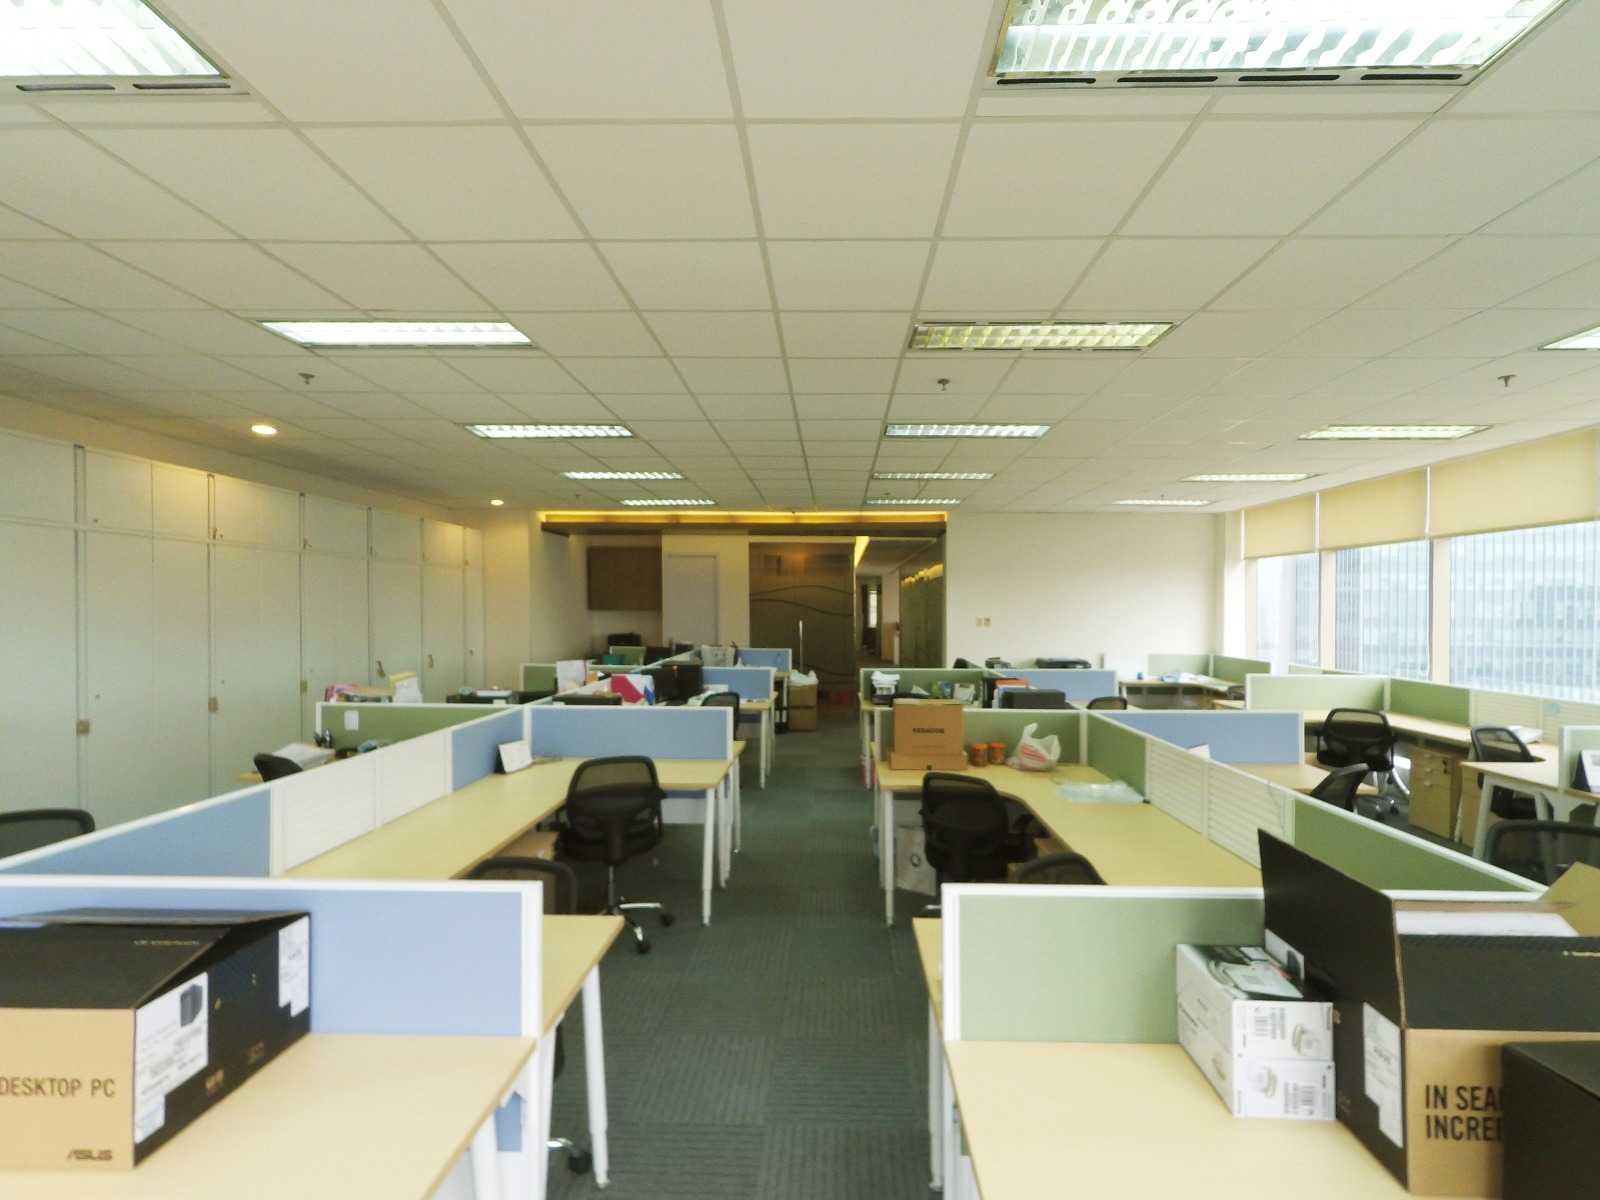 Arkadia Works Sekar Bumi Office Renovation Plaza Asia 21St Floor Plaza Asia 21St Floor Staff Area   14080